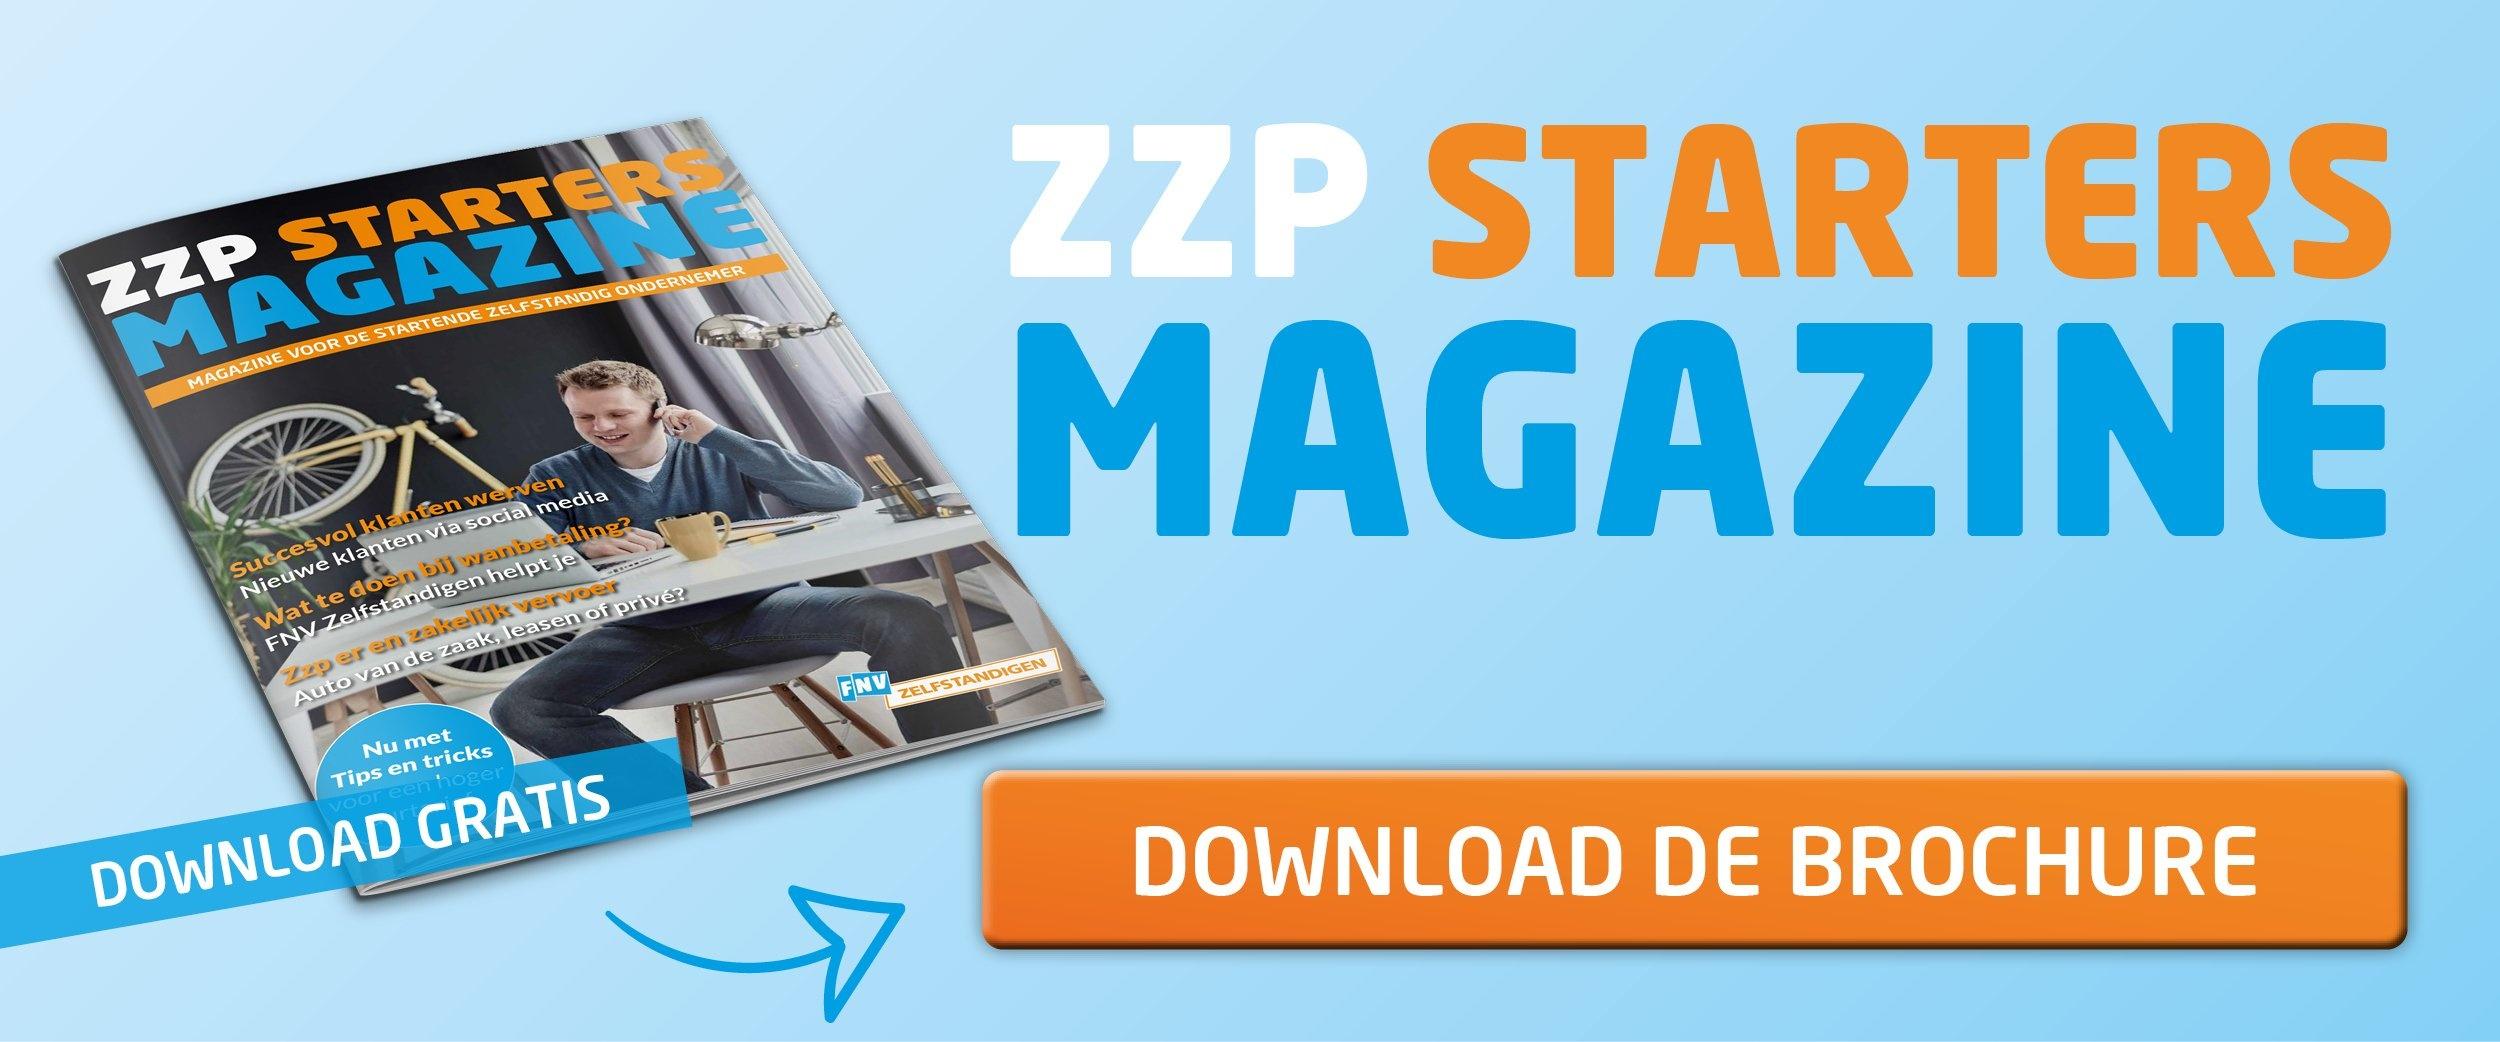 Download het magazine